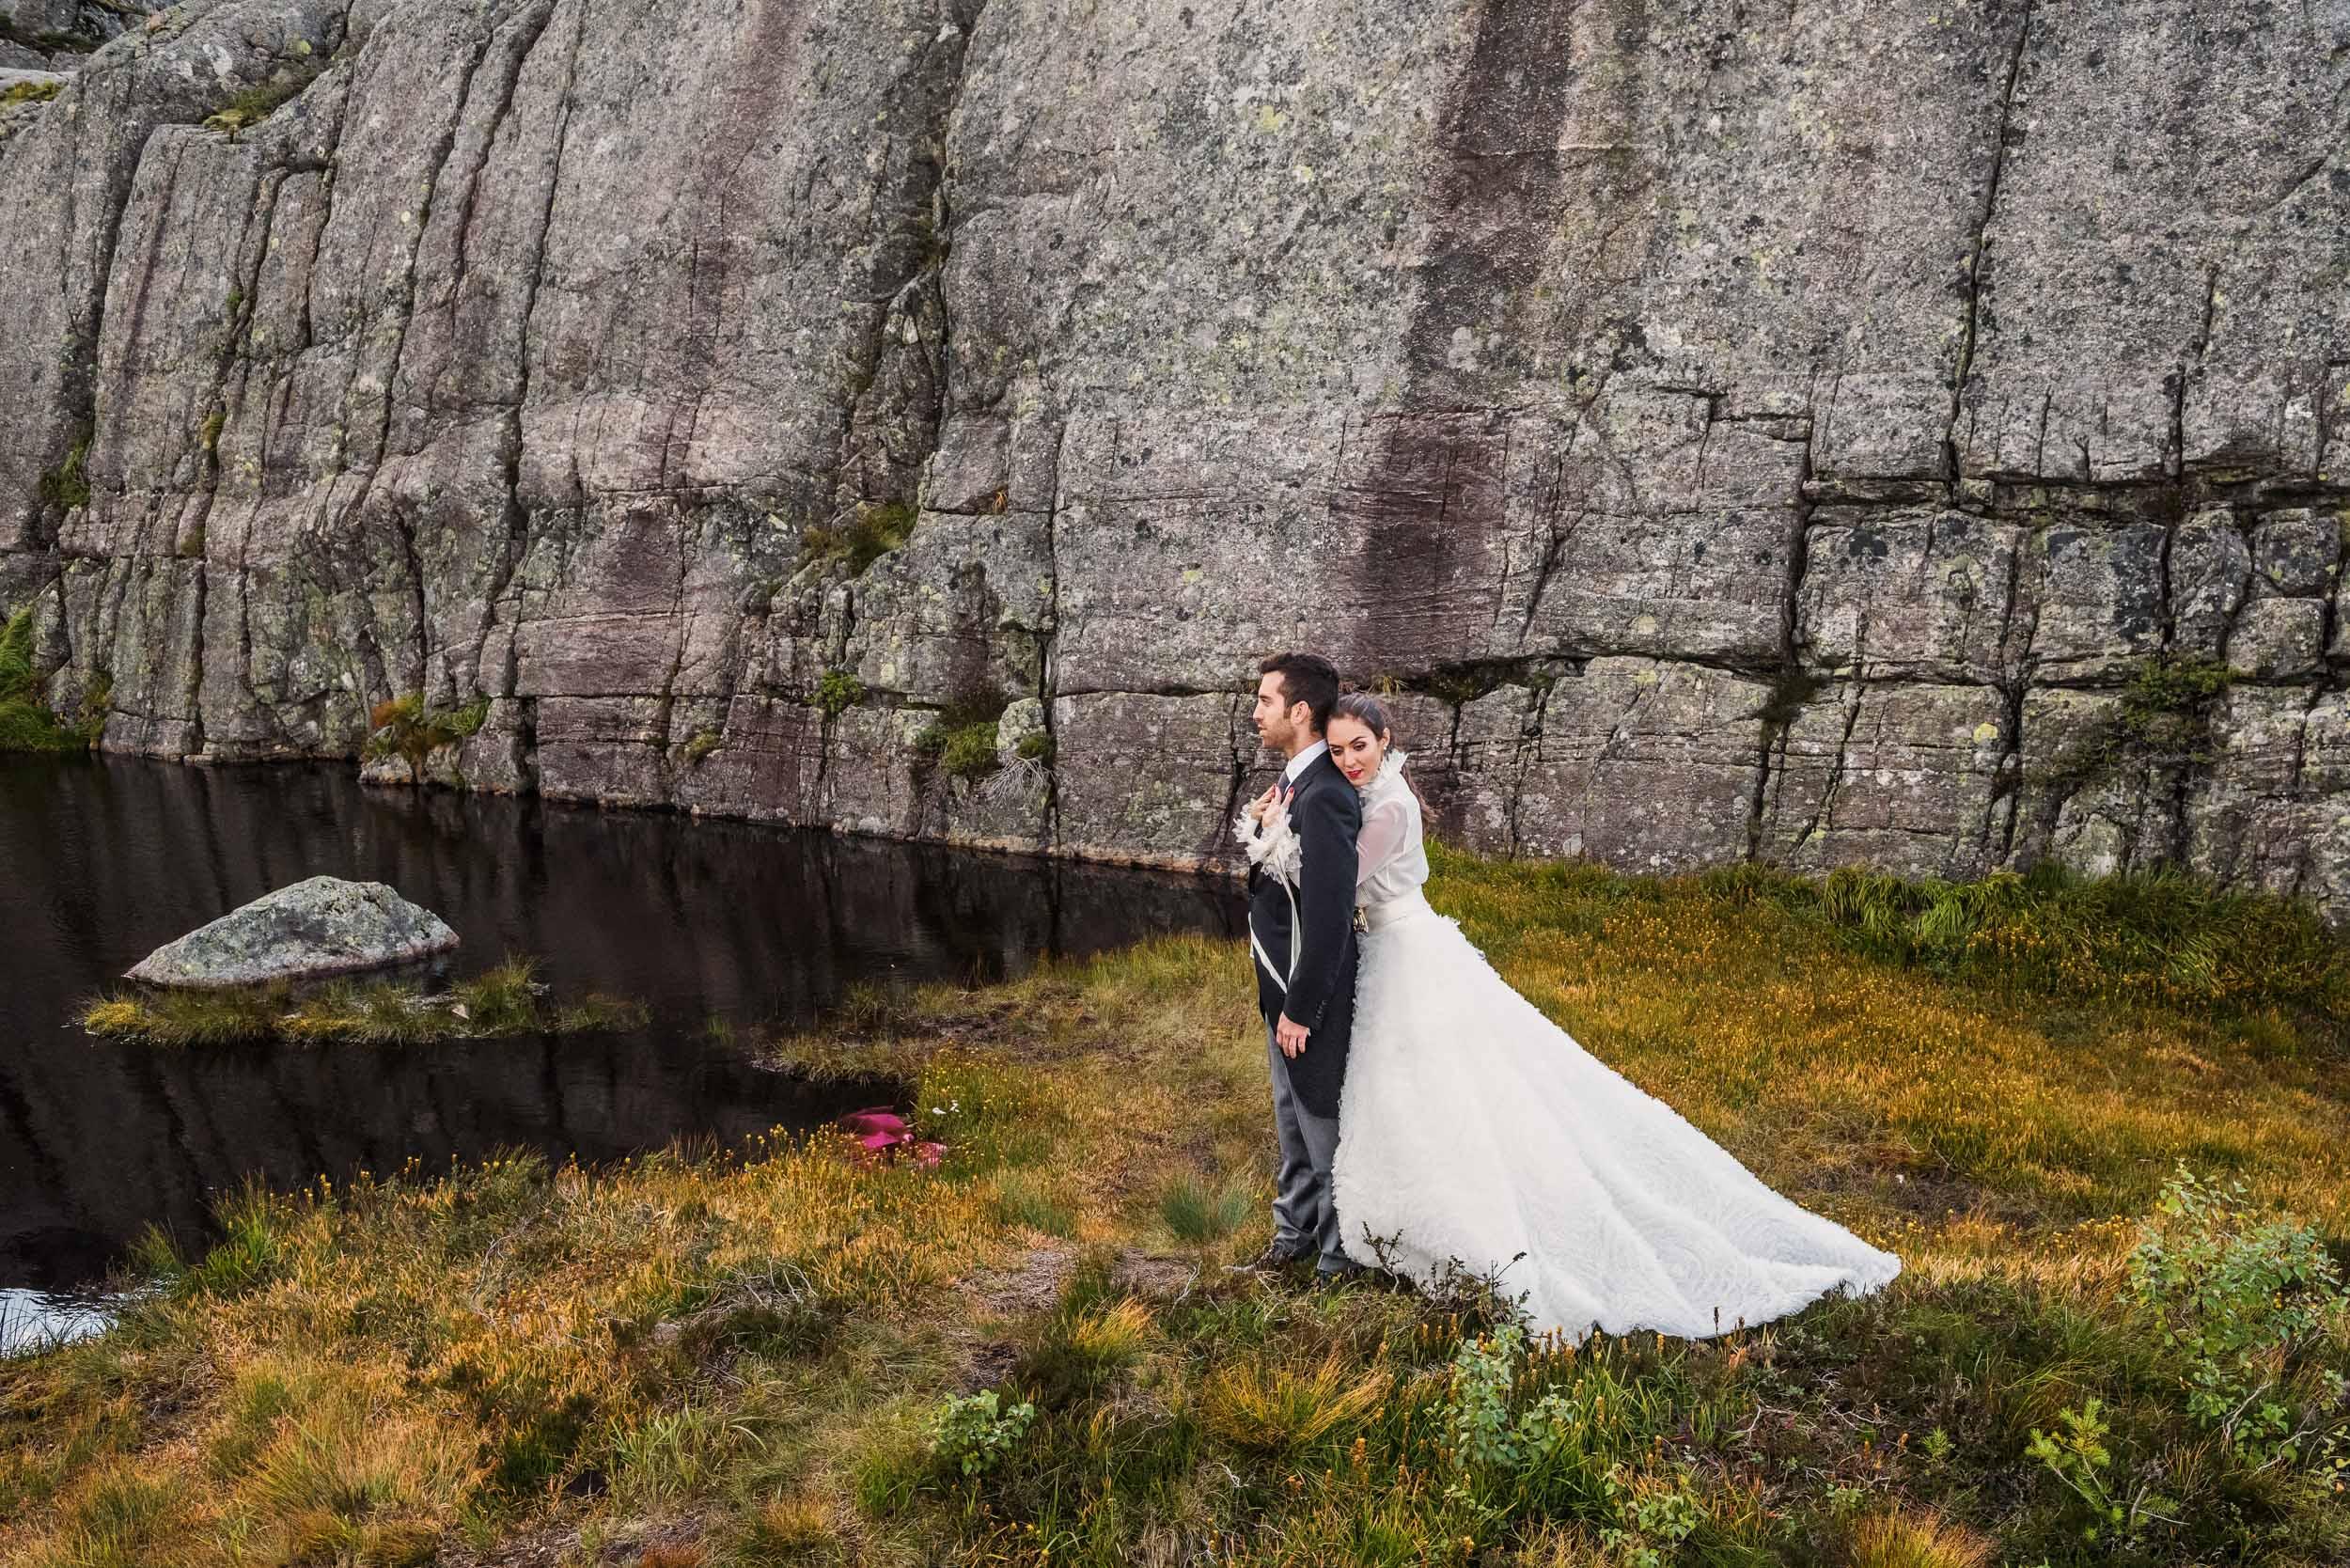 Antonio & Cati Post boda en Noruega. 2017 12